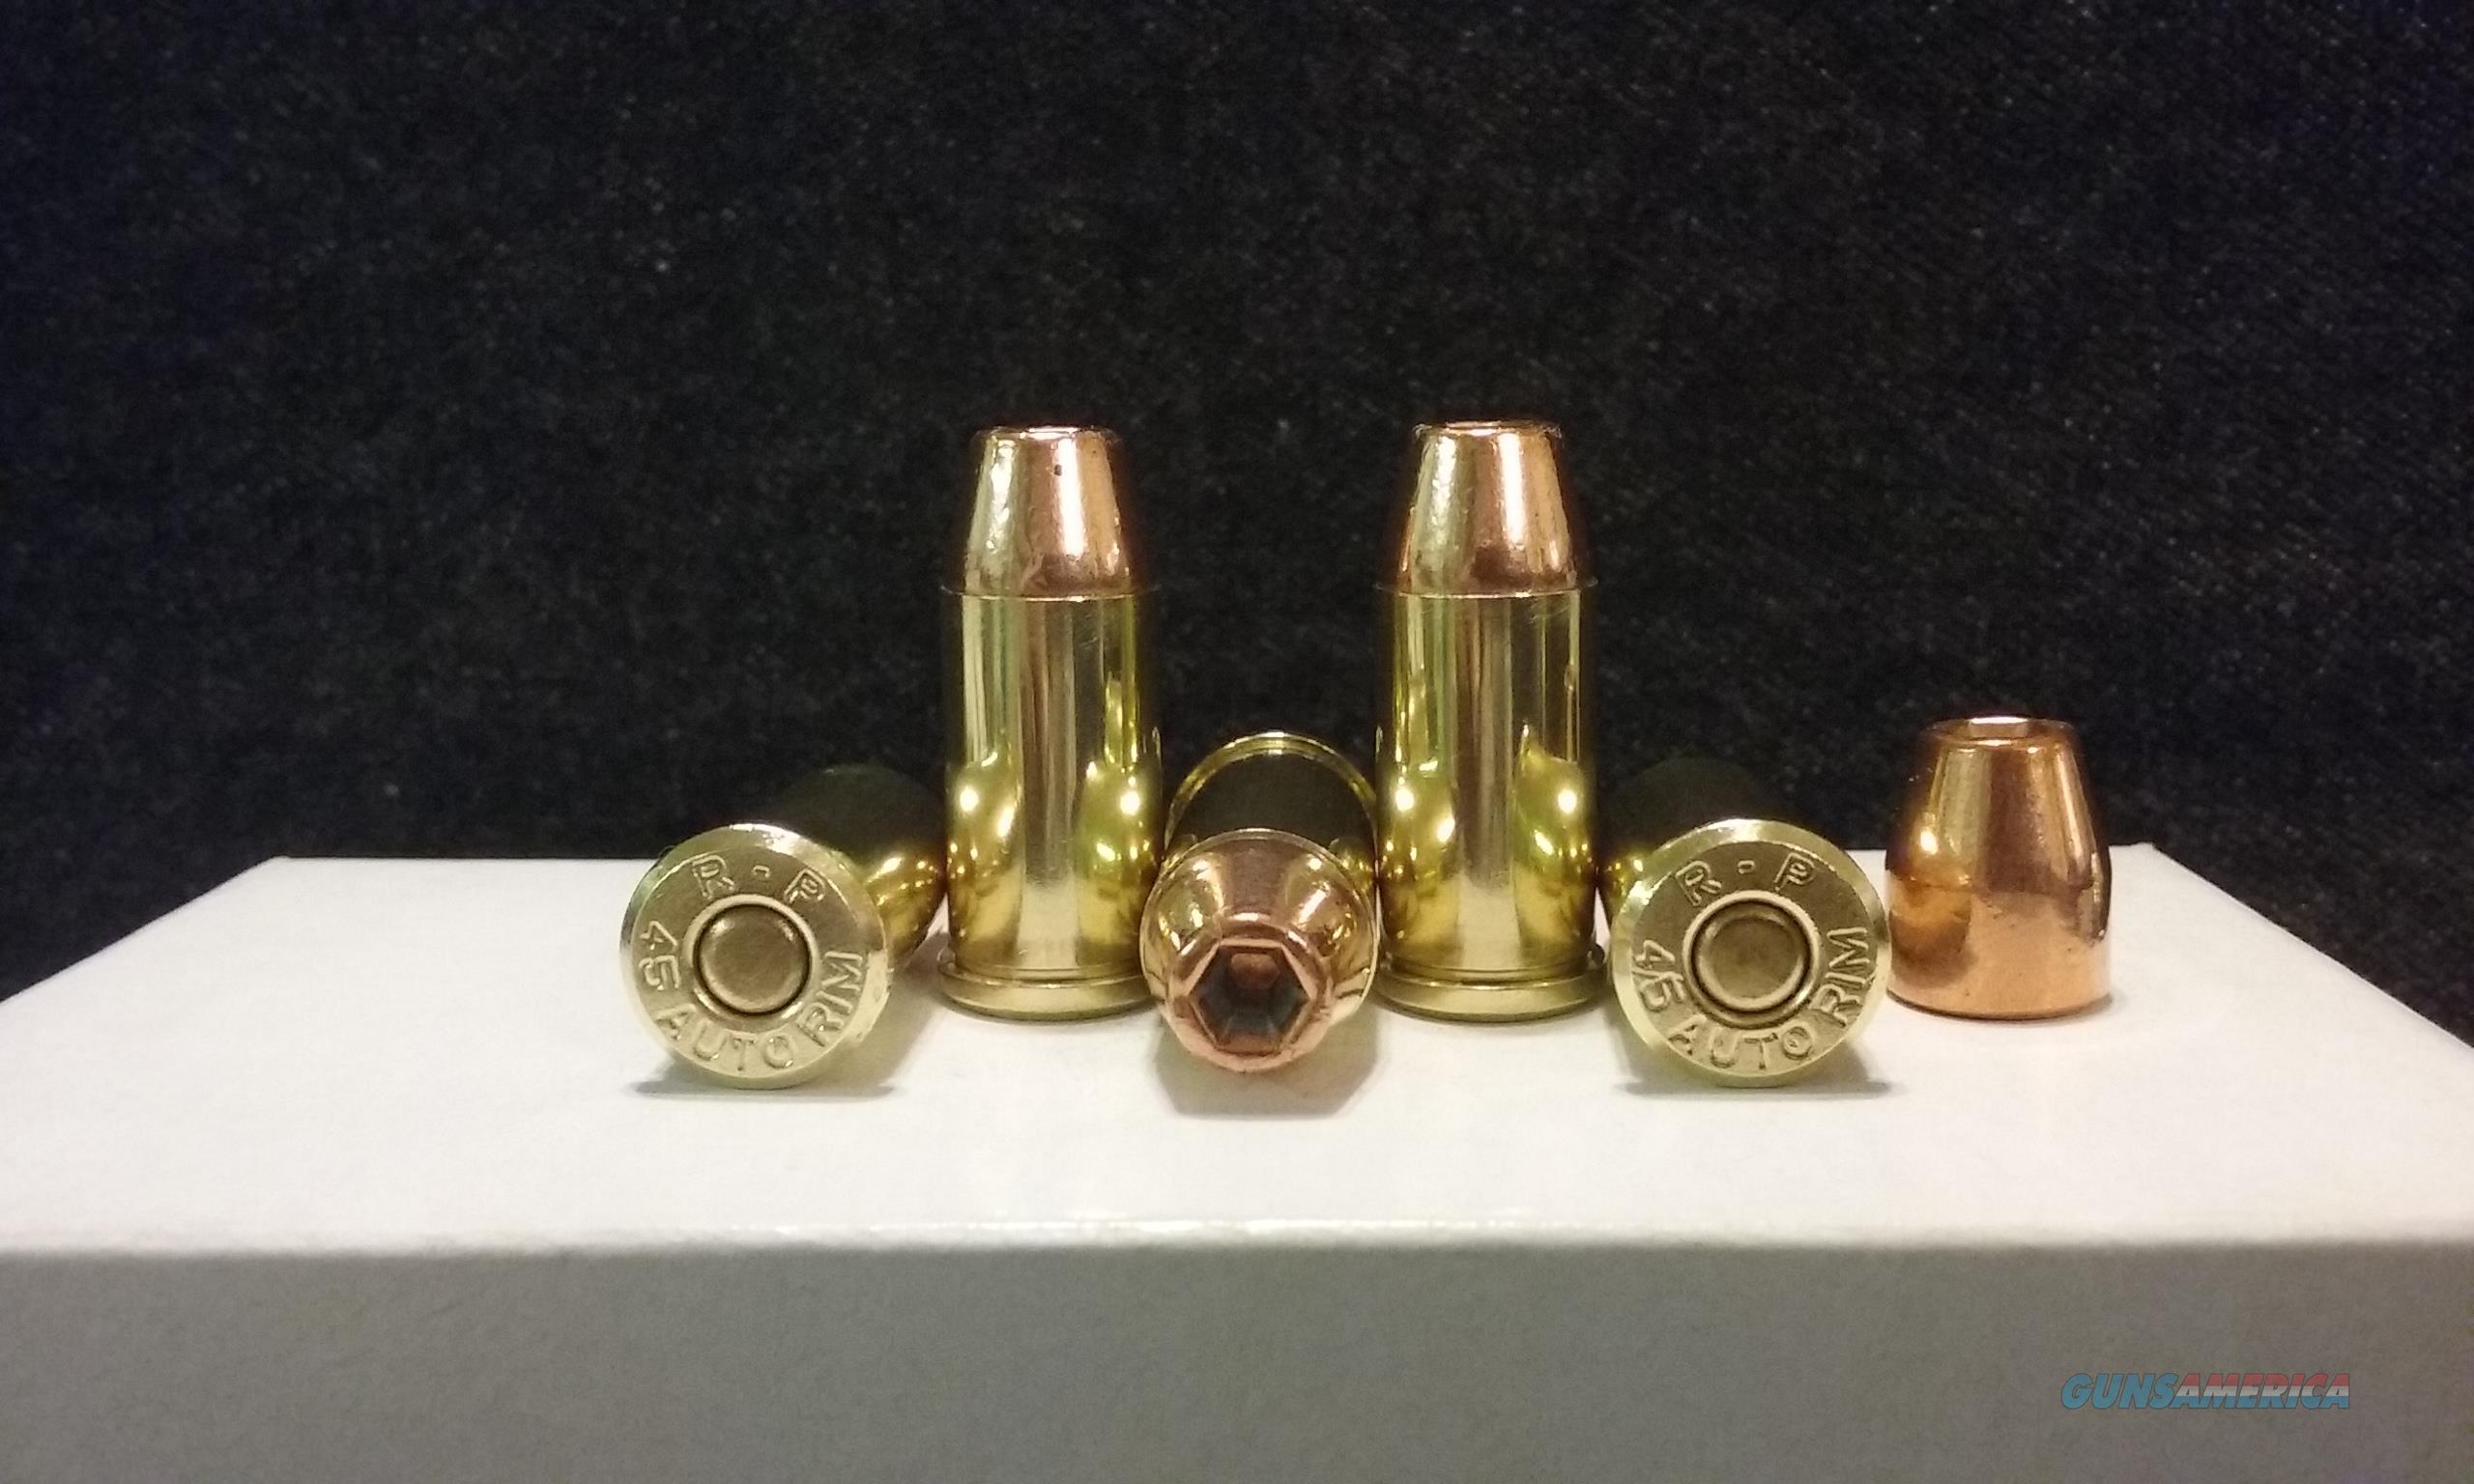 45 Auto Rim Ammo.  Non-Guns > Ammunition